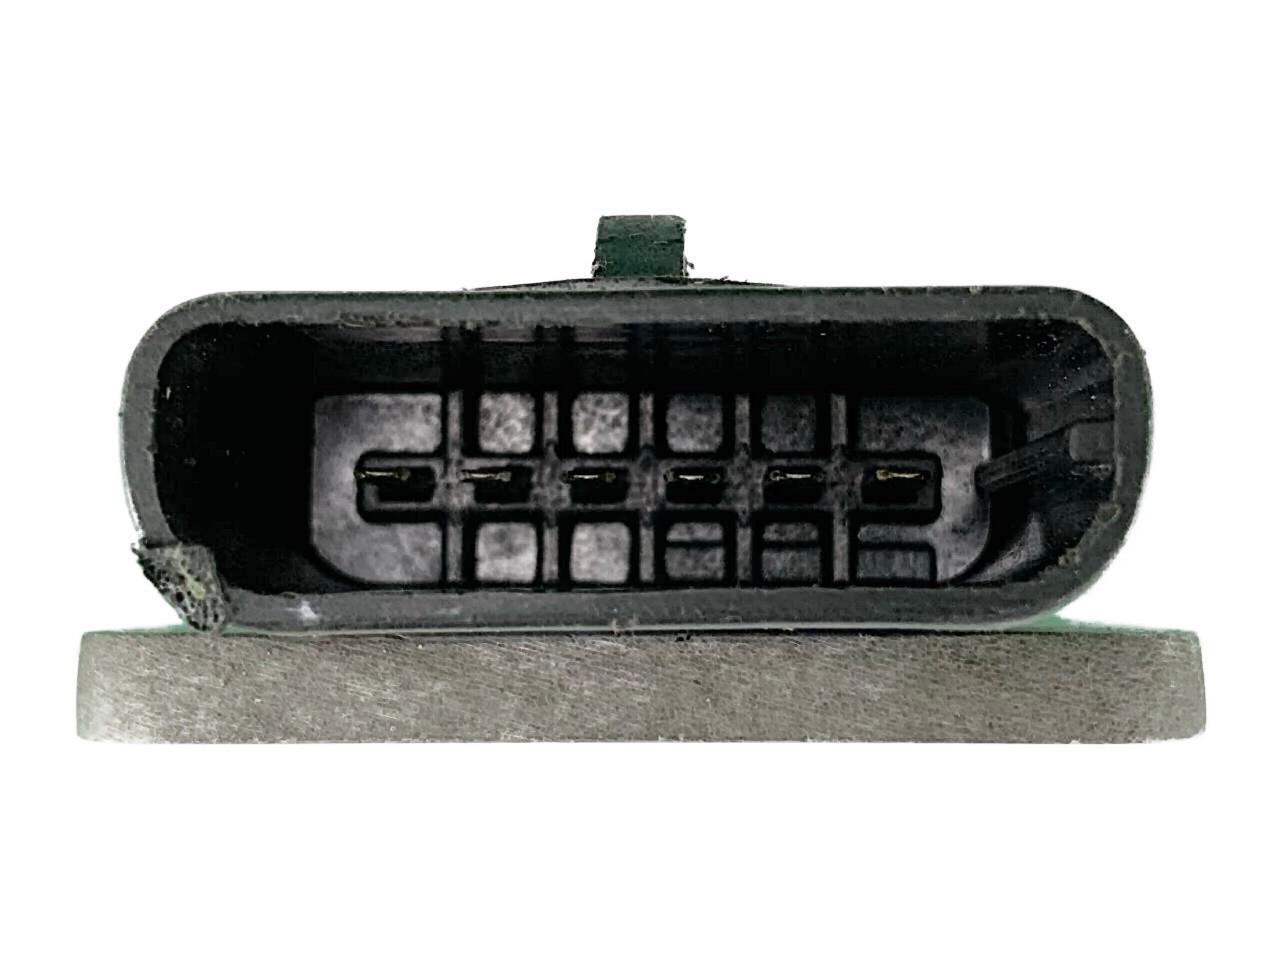 Modulo de Ignição do Motor Original 377907401 f4ff12a297aa Vw Santana Logus Versailles Gol 94 95 96 97 98